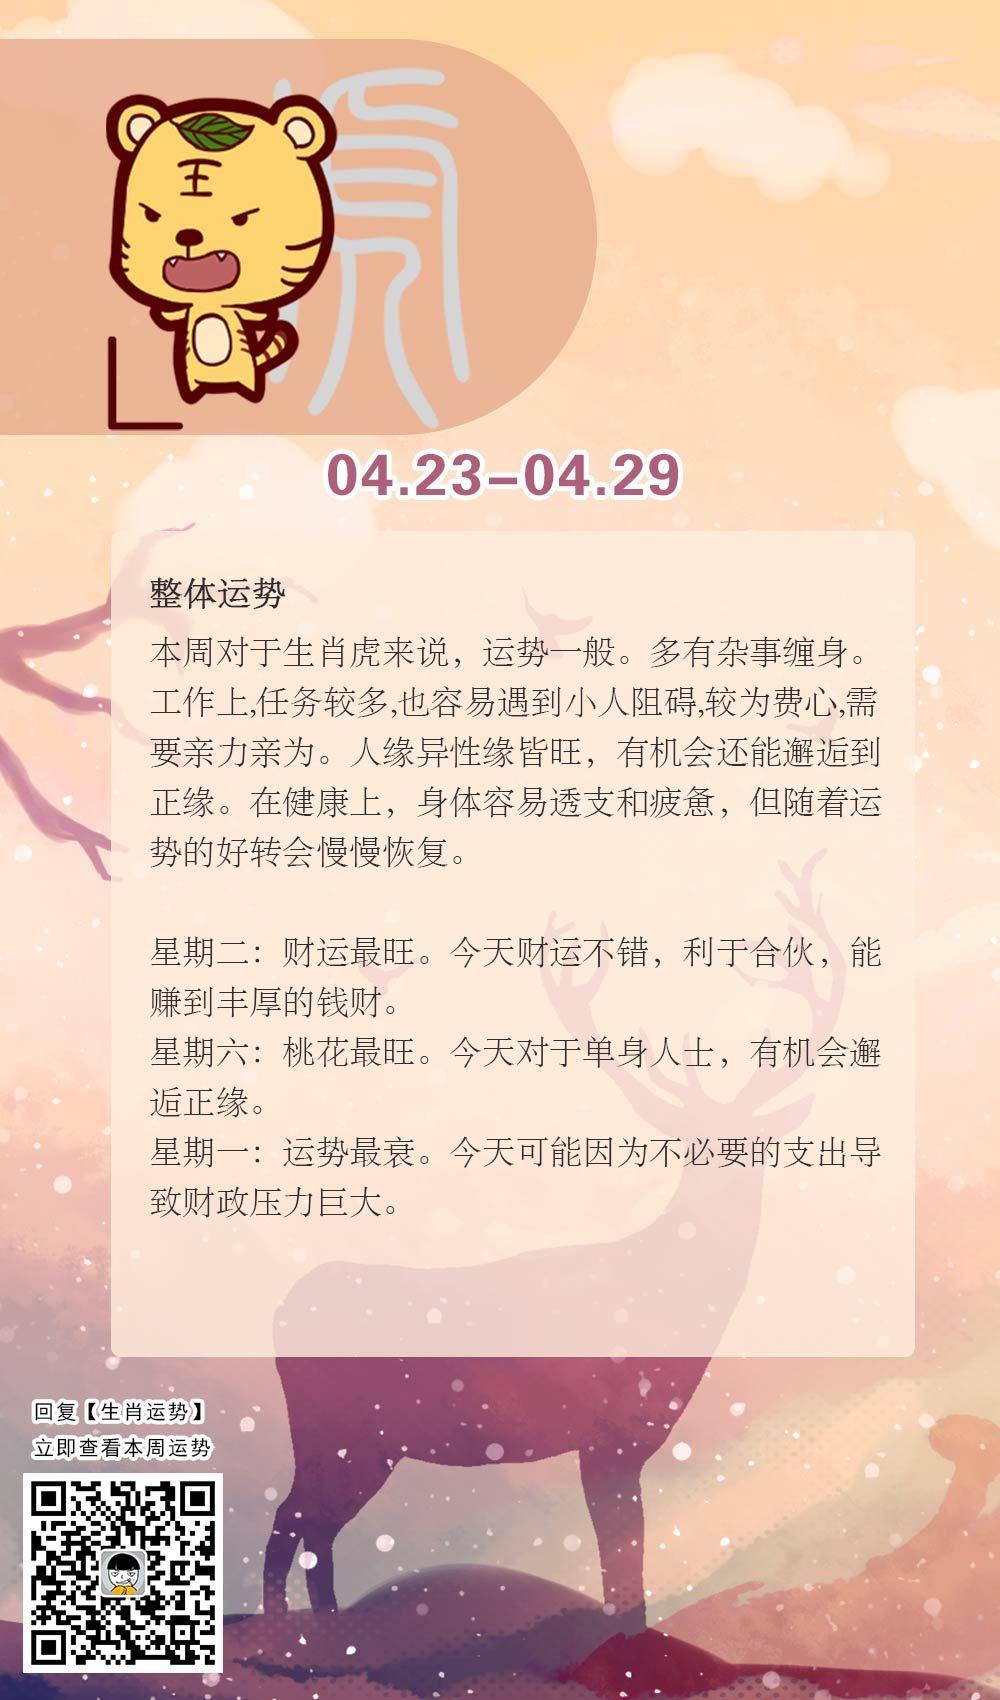 生肖虎本周运势【2018.04.23-04.29】